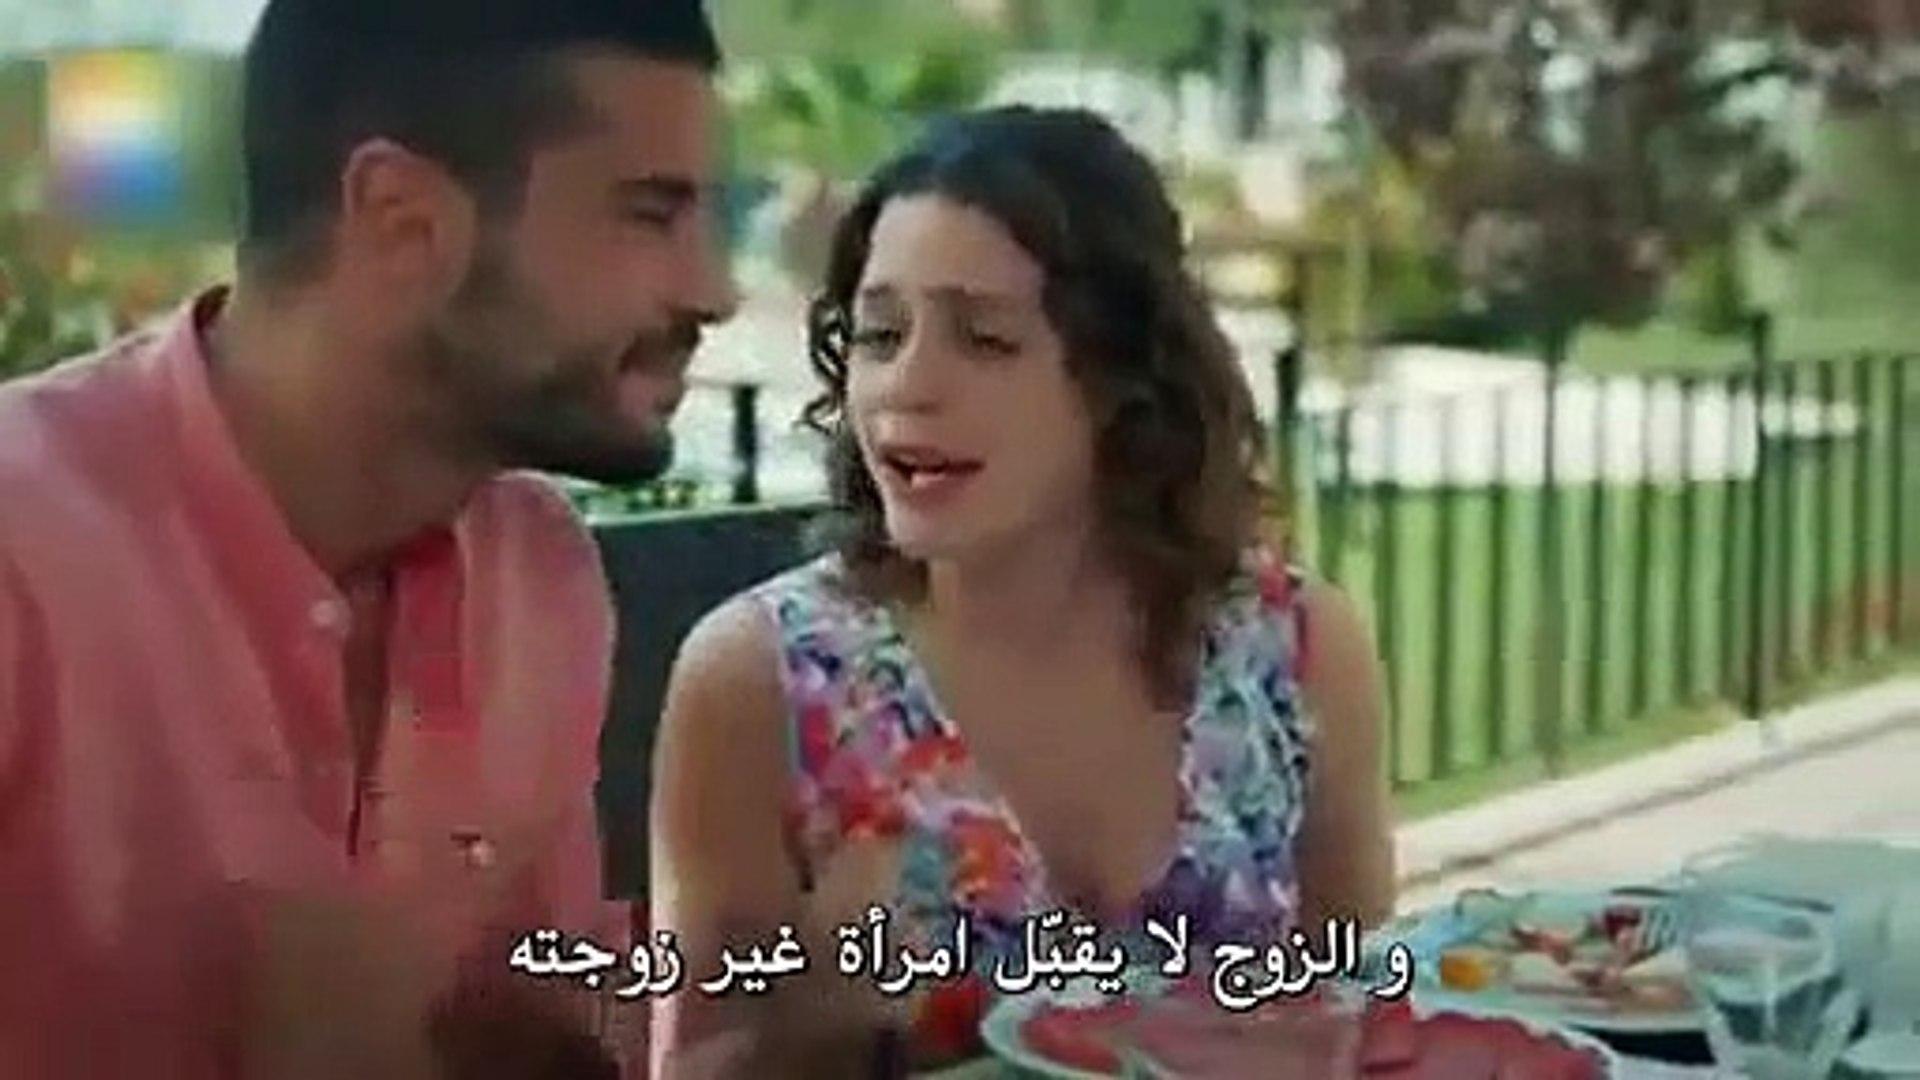 علاقات معقدة ilişki durumu karışık الحلقة 1 مترجمة للعربية